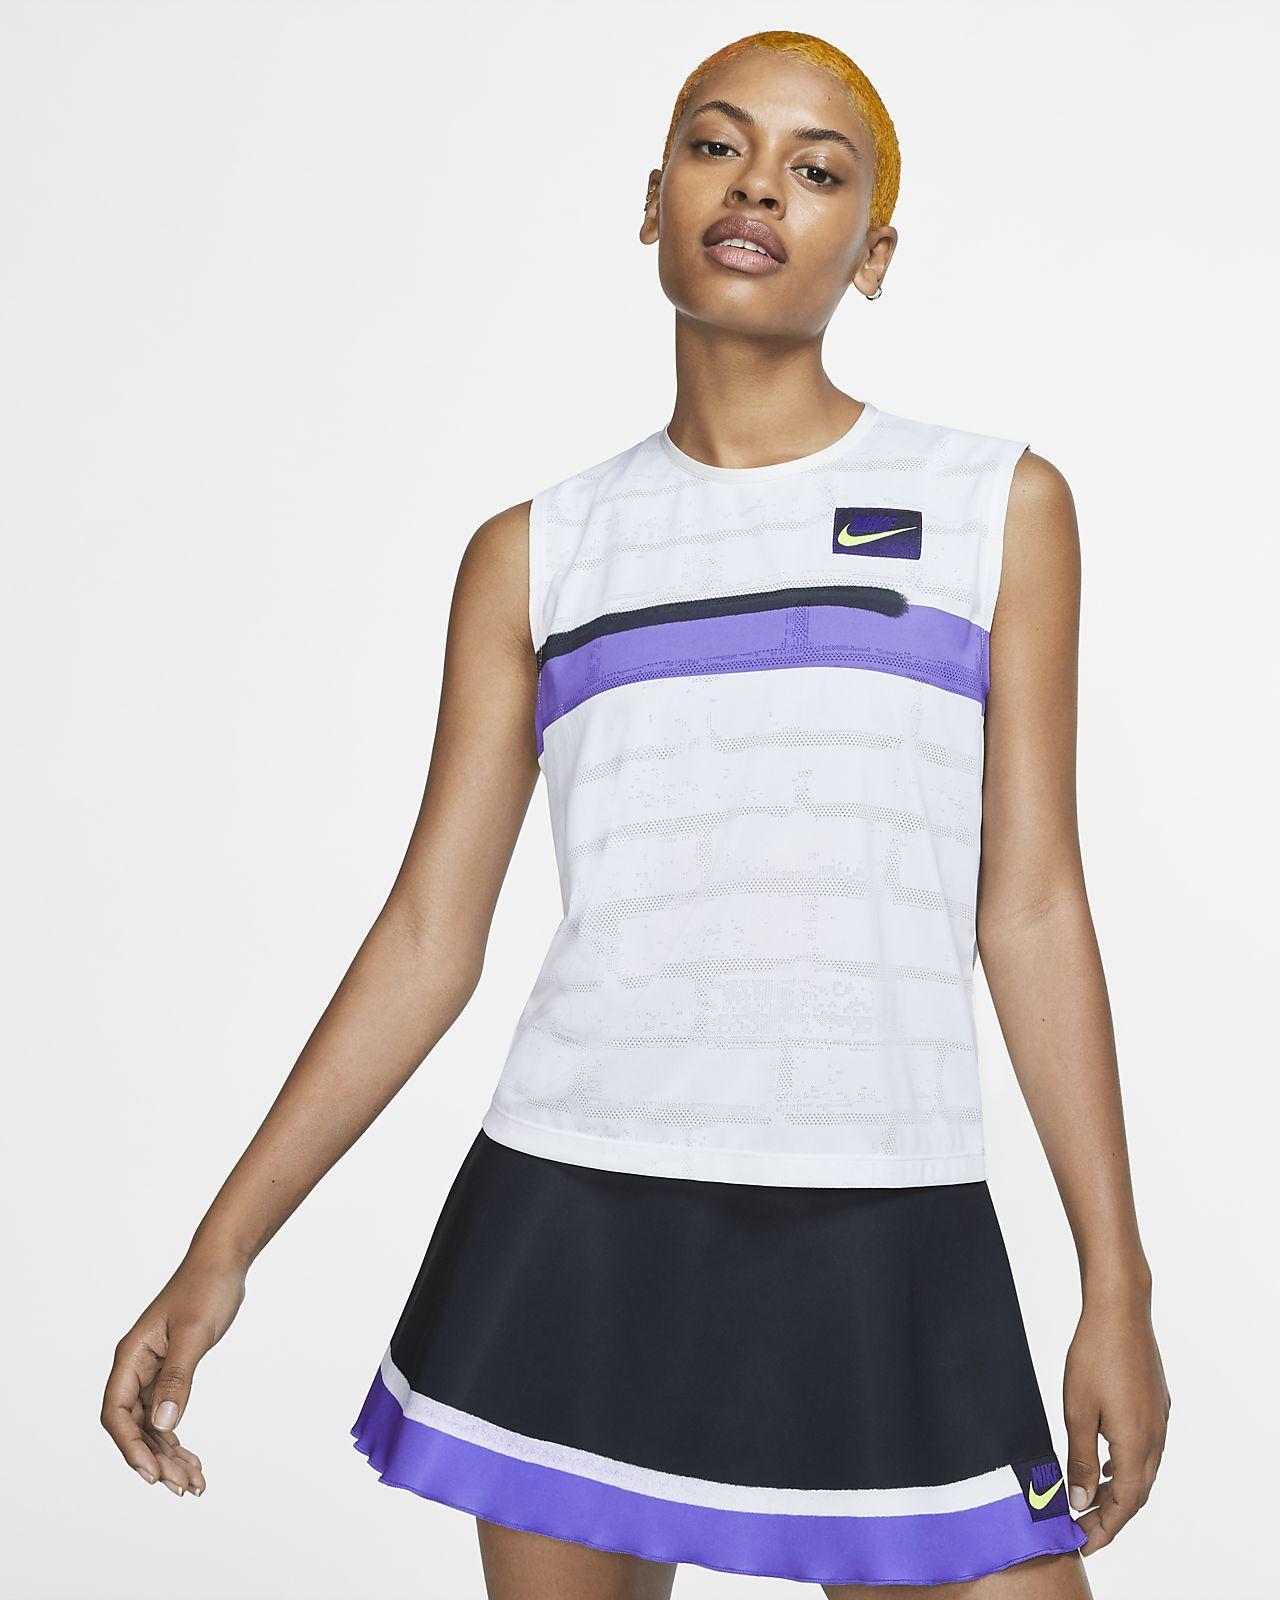 NikeCourt Slam Kadın Tenis Atleti